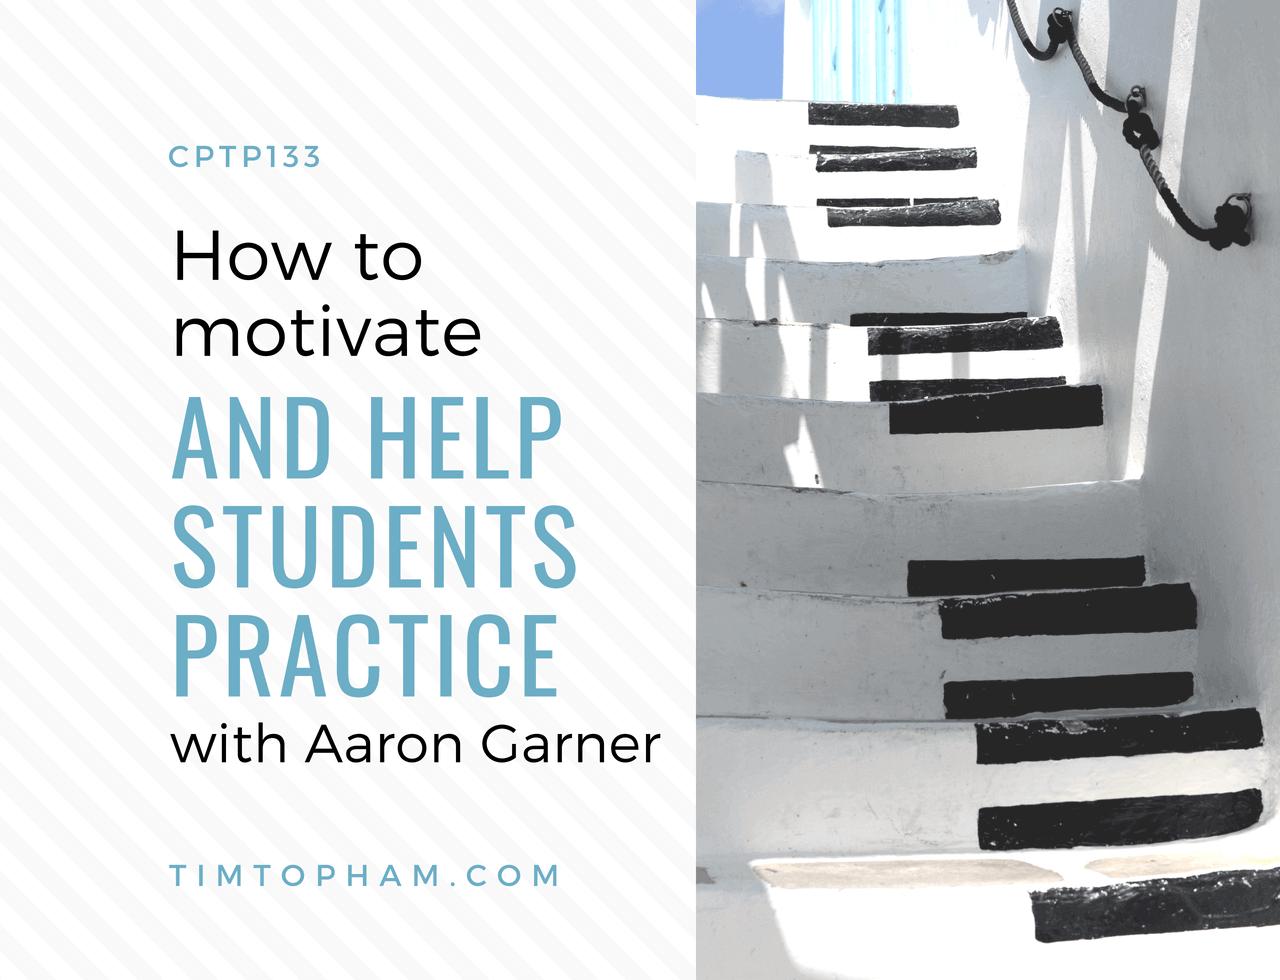 motivate students practice aaron garner